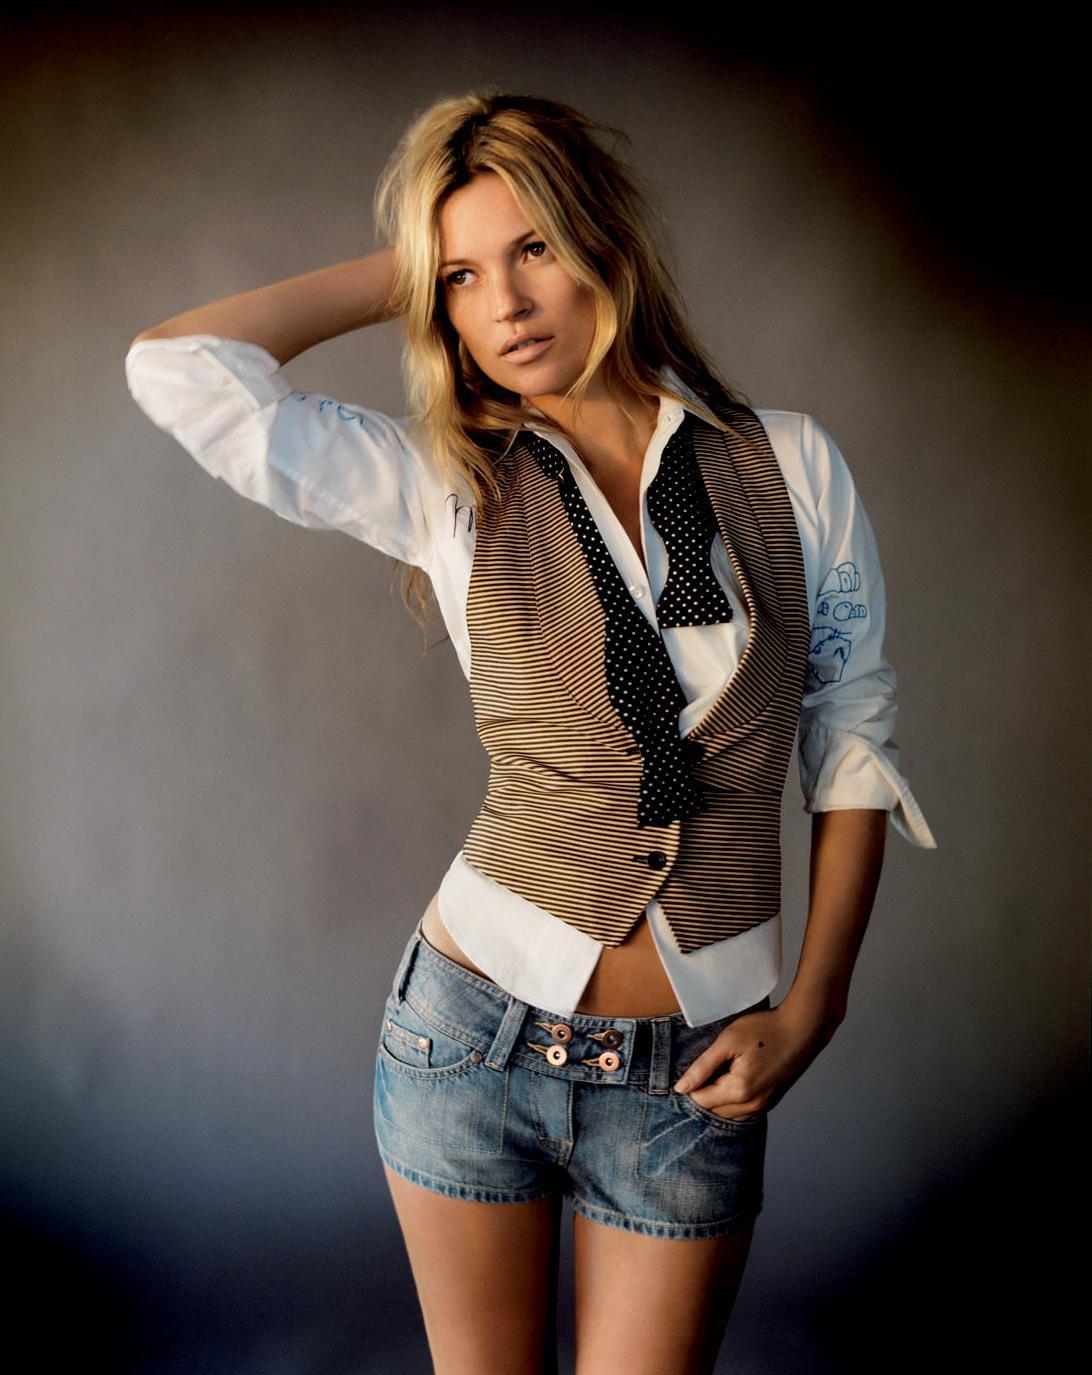 http://1.bp.blogspot.com/-TwtARjBeBy8/T4VGt-SZgxI/AAAAAAAAABE/qGiqGmnJChw/s1600/Kate_Moss_0089.jpg